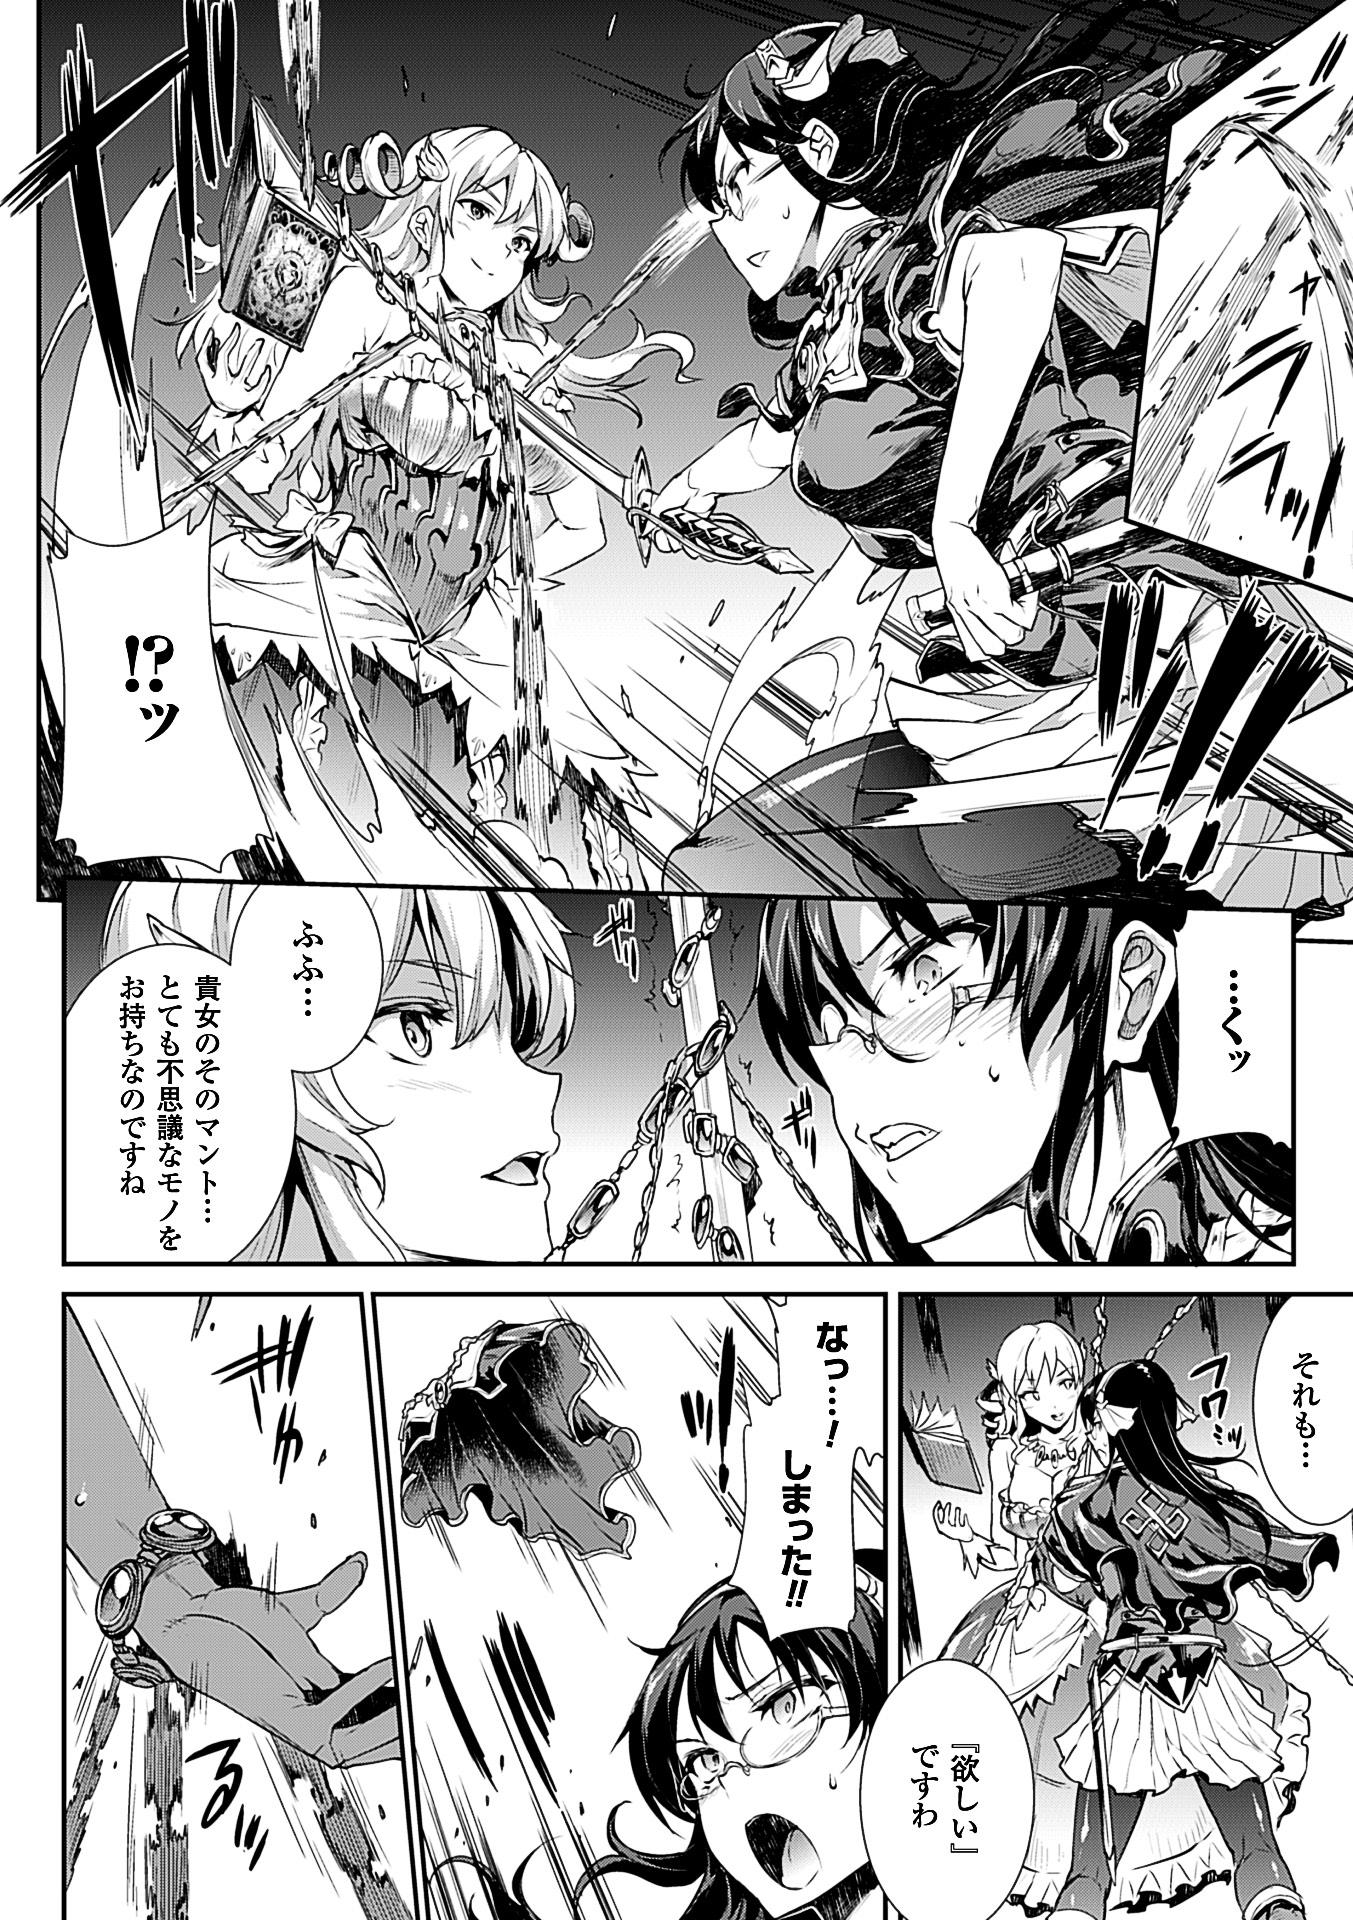 Shinkyoku no Grimoire II 11